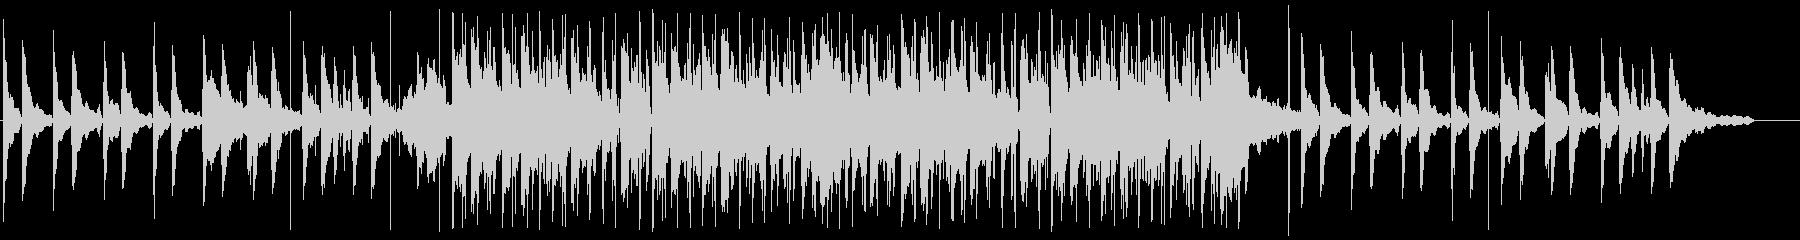 メロウで物憂げなピアノ、チルホップの未再生の波形